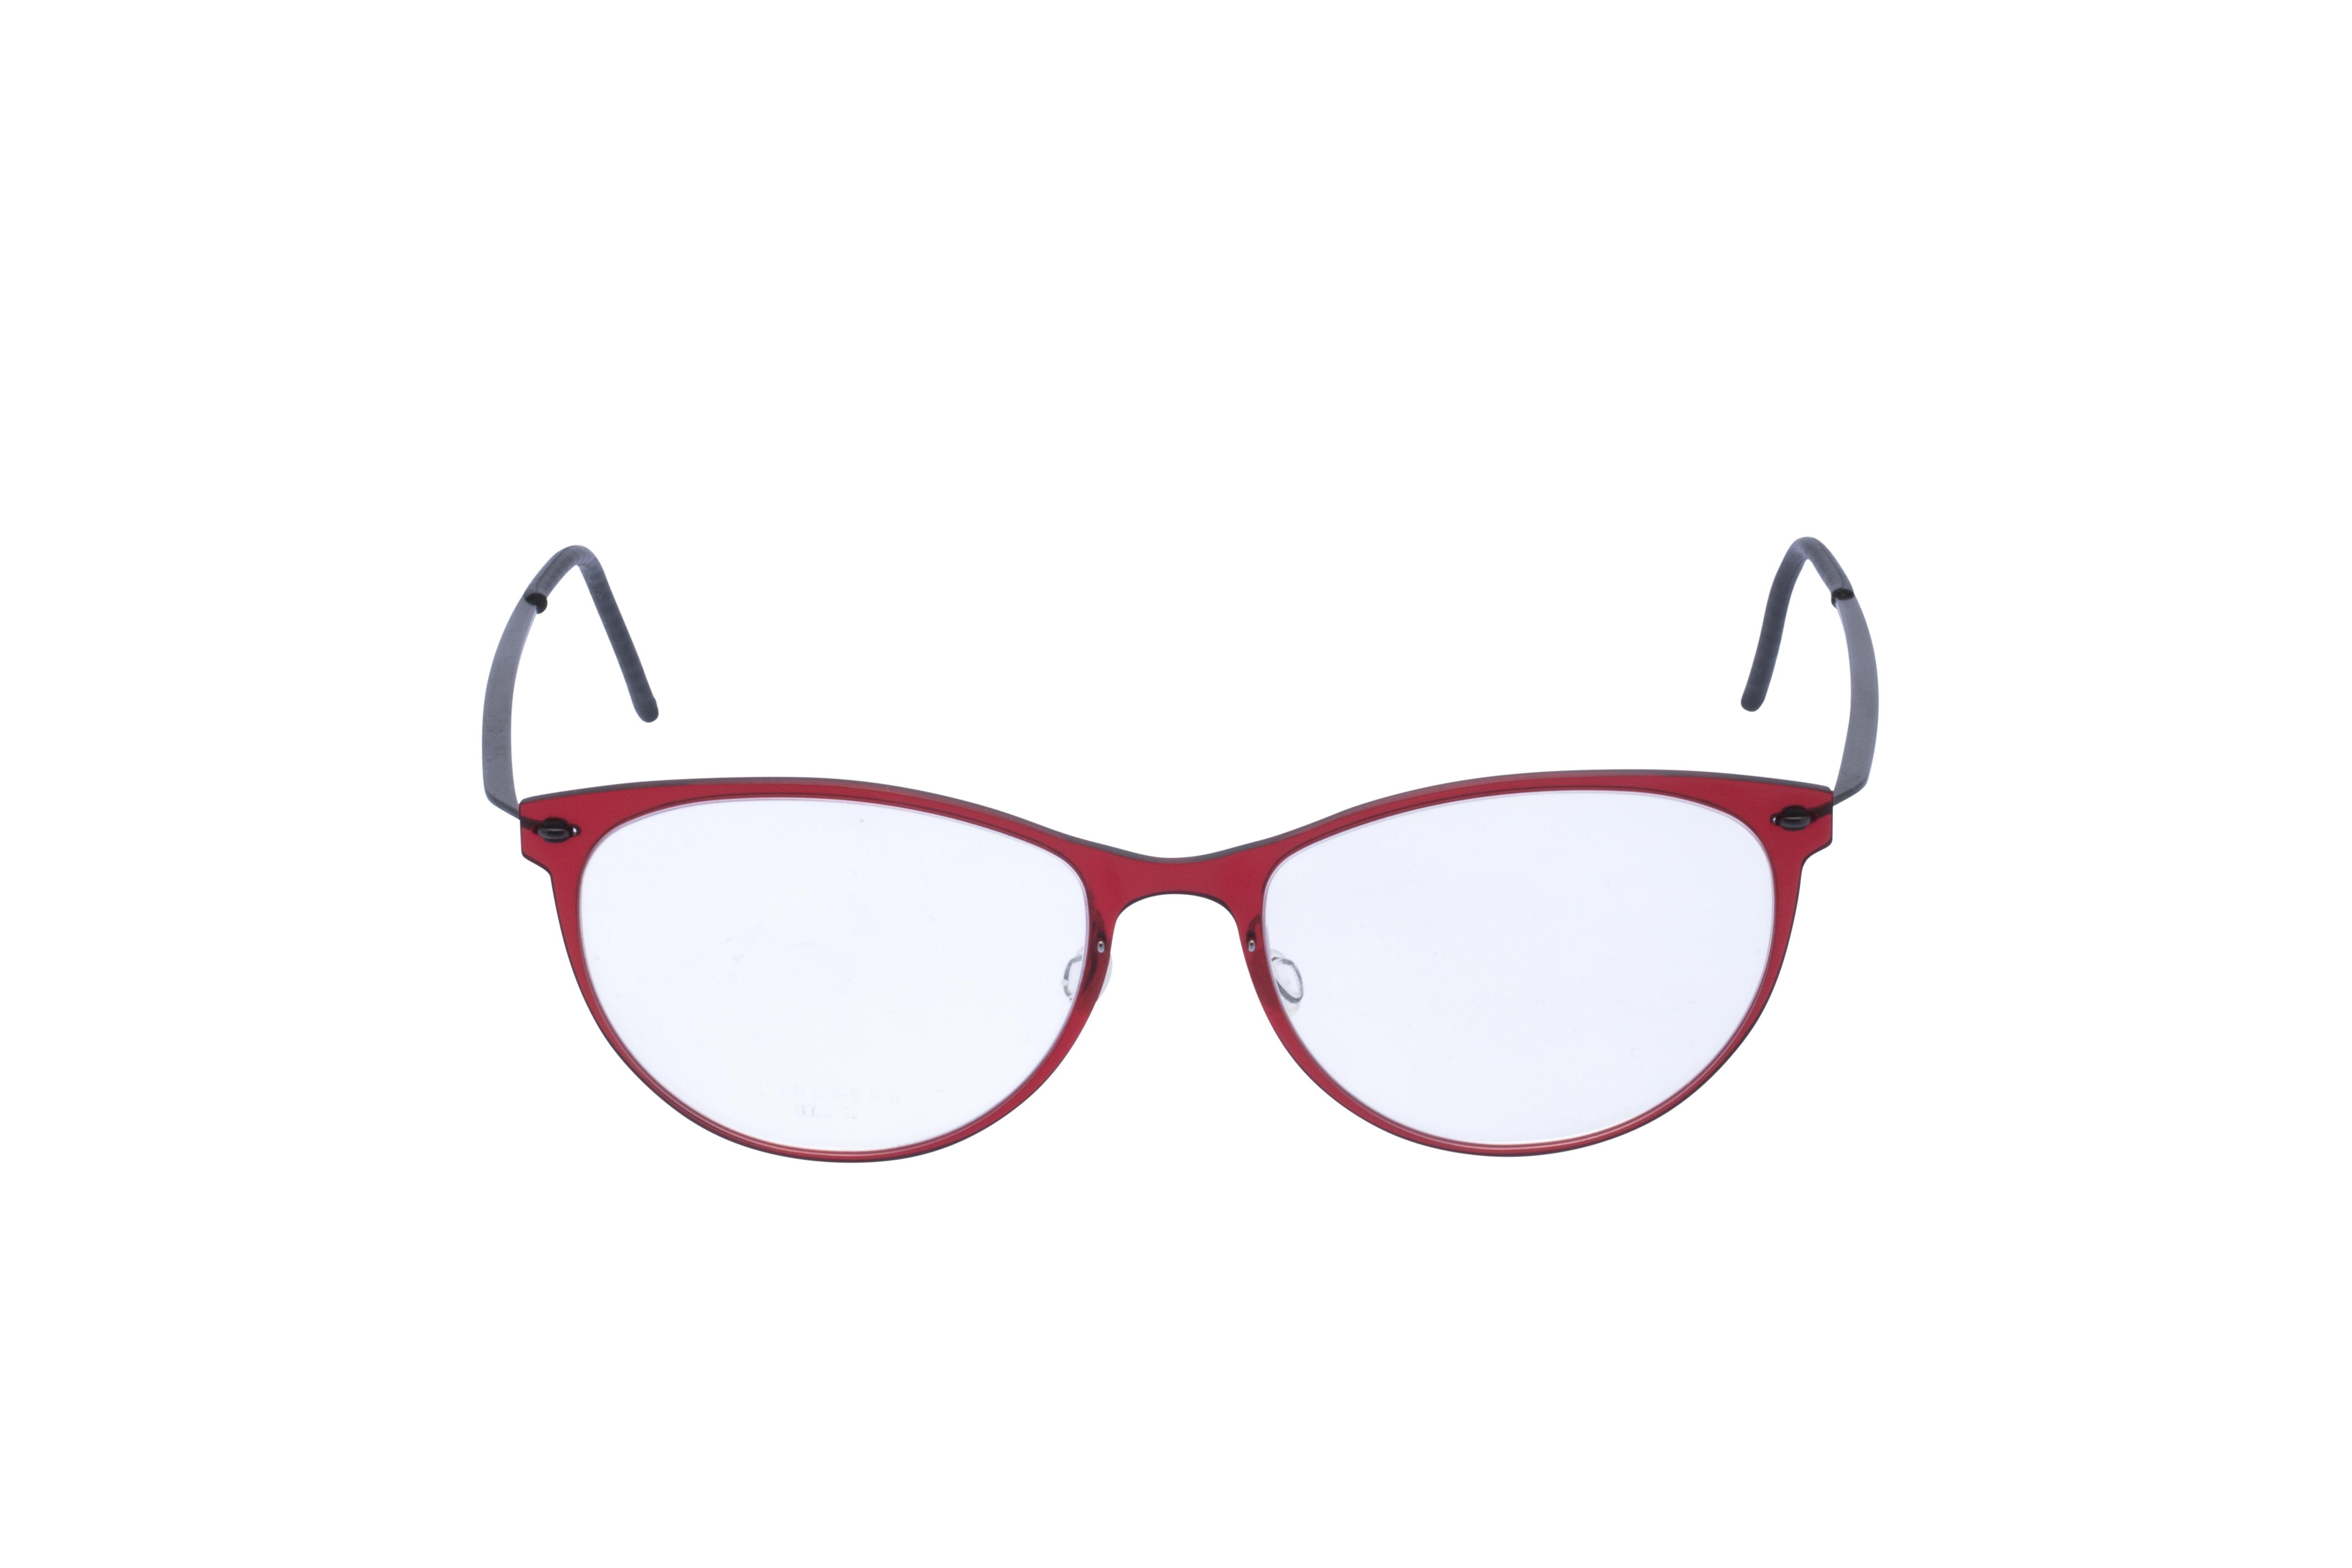 Lindberg 6520 Frontansicht, Brille auf Weiß